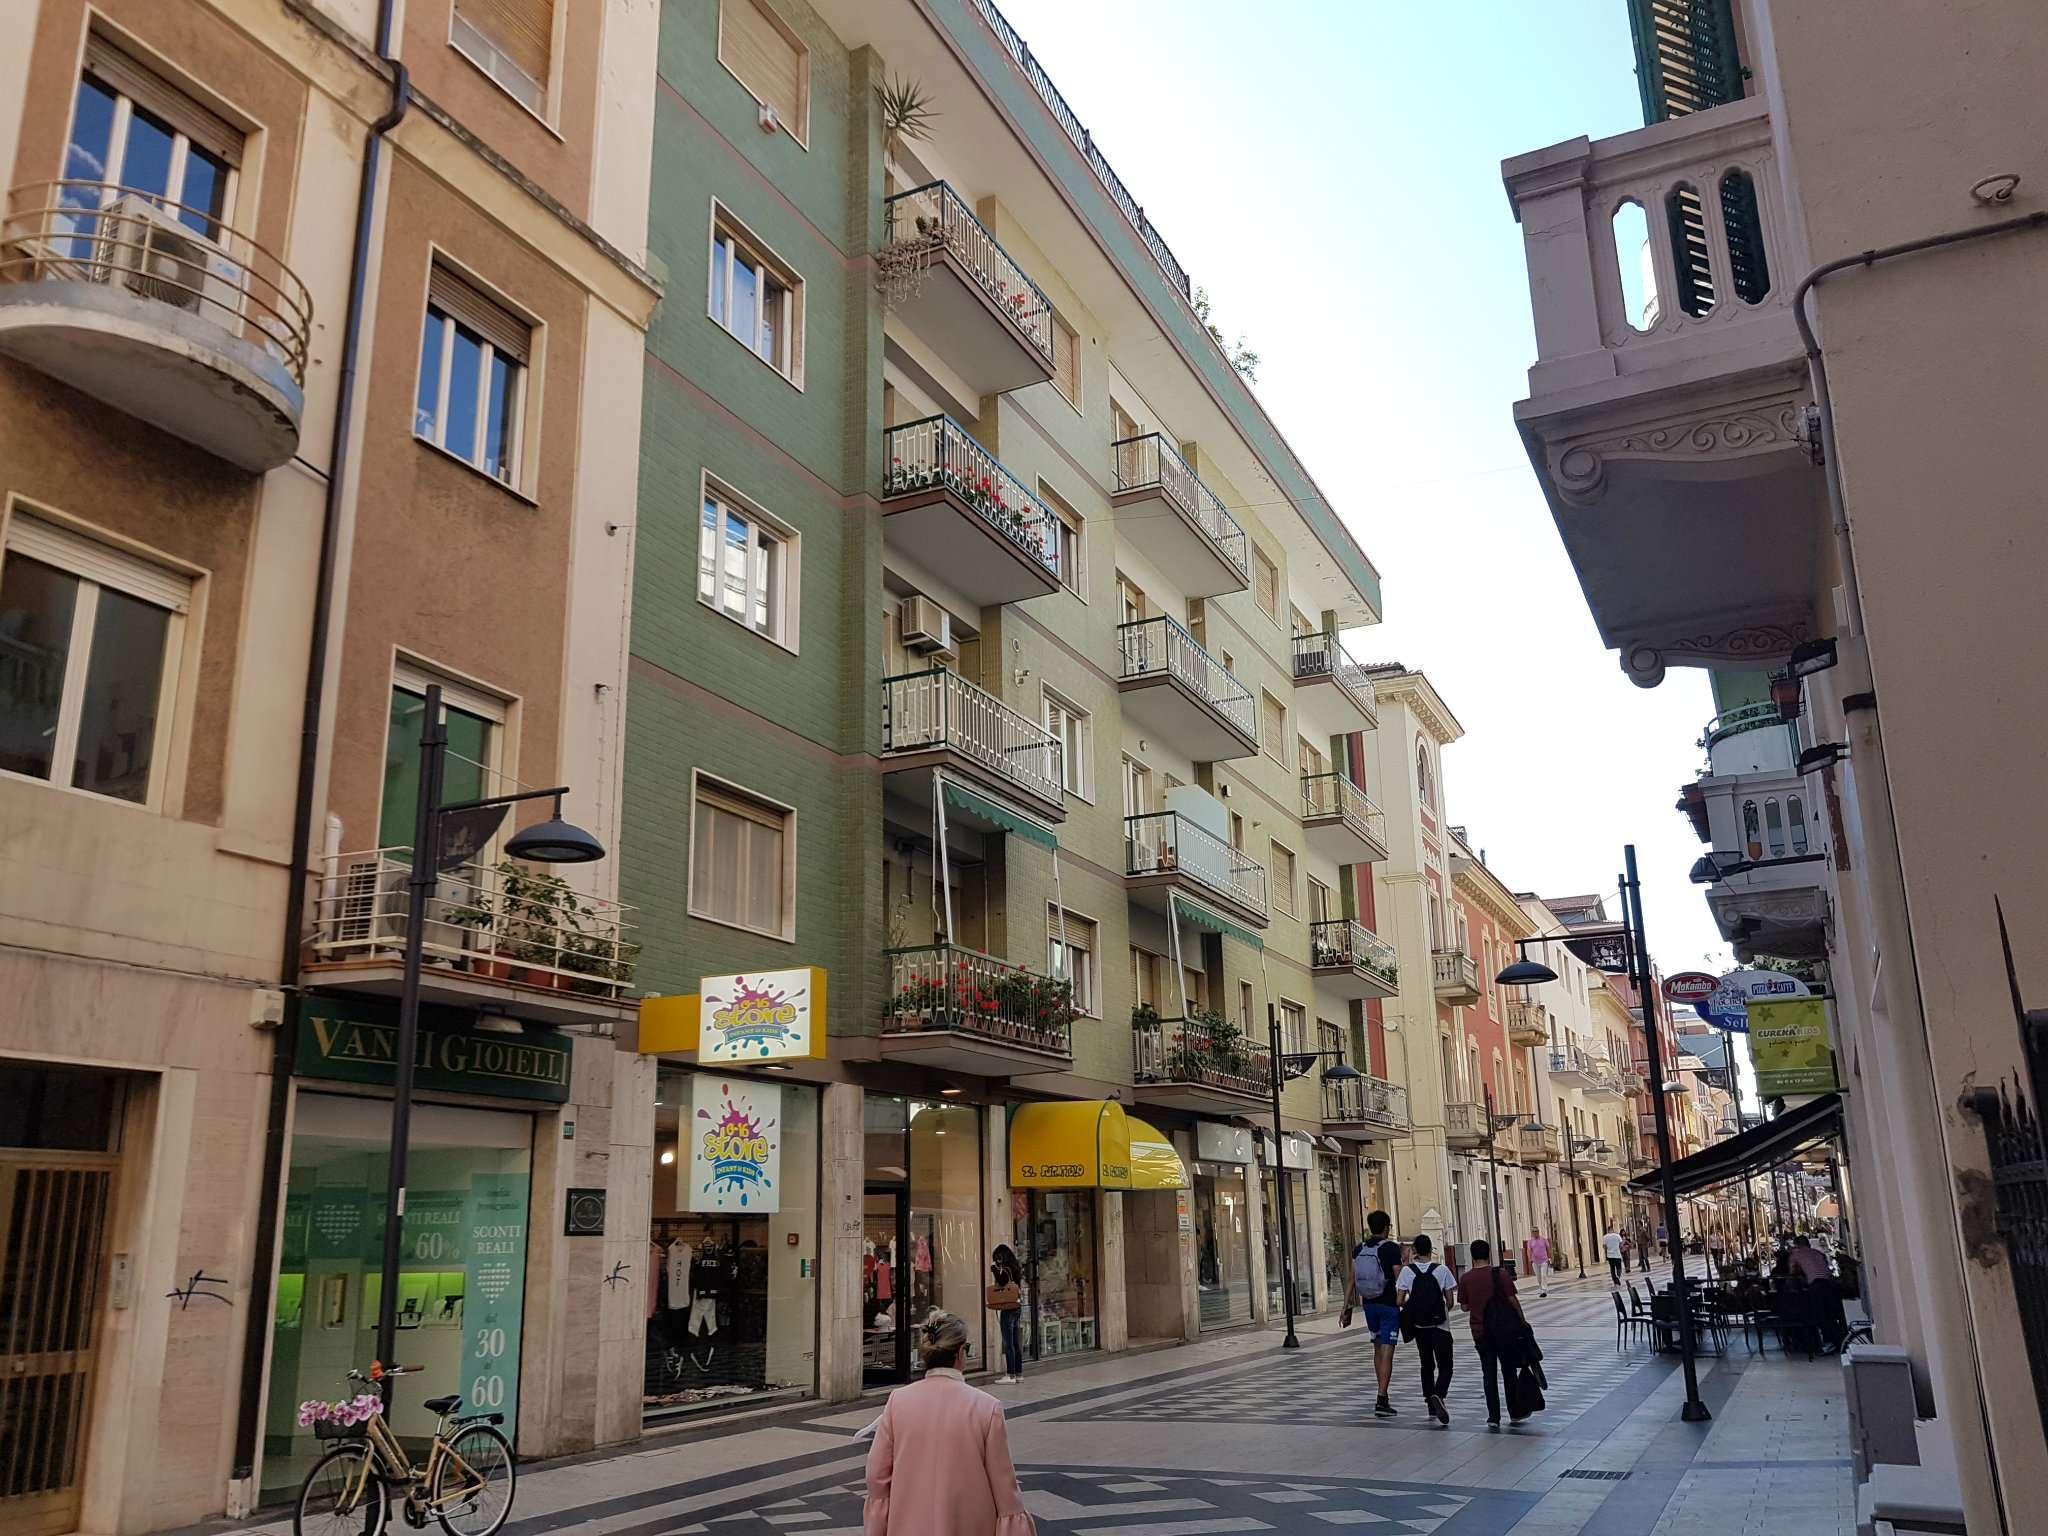 Attico / Mansarda in affitto a Pescara, 3 locali, prezzo € 350 | Cambio Casa.it